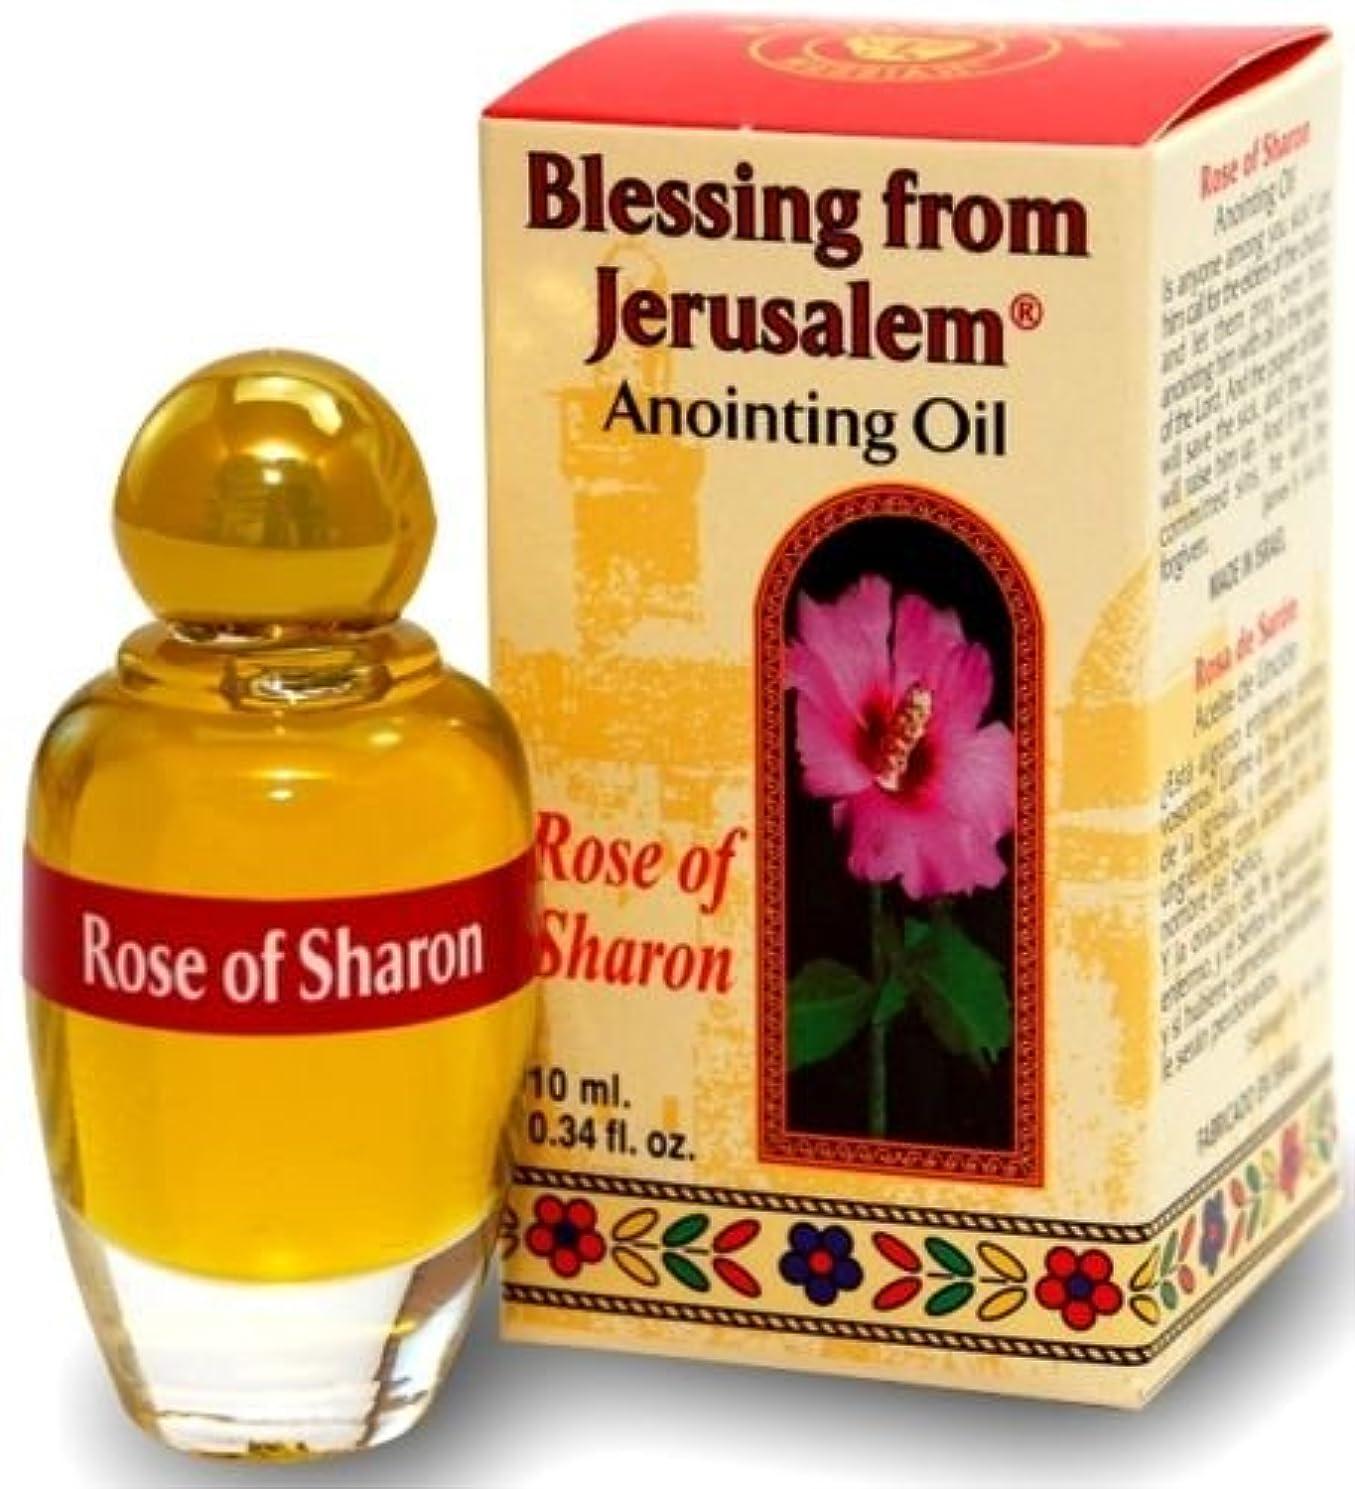 一時解雇する同一の倍率ローズRosa of Sharon AnointingオイルBlessing of Jerusalem Stunning Smell 10 ml byベツレヘムギフトTM